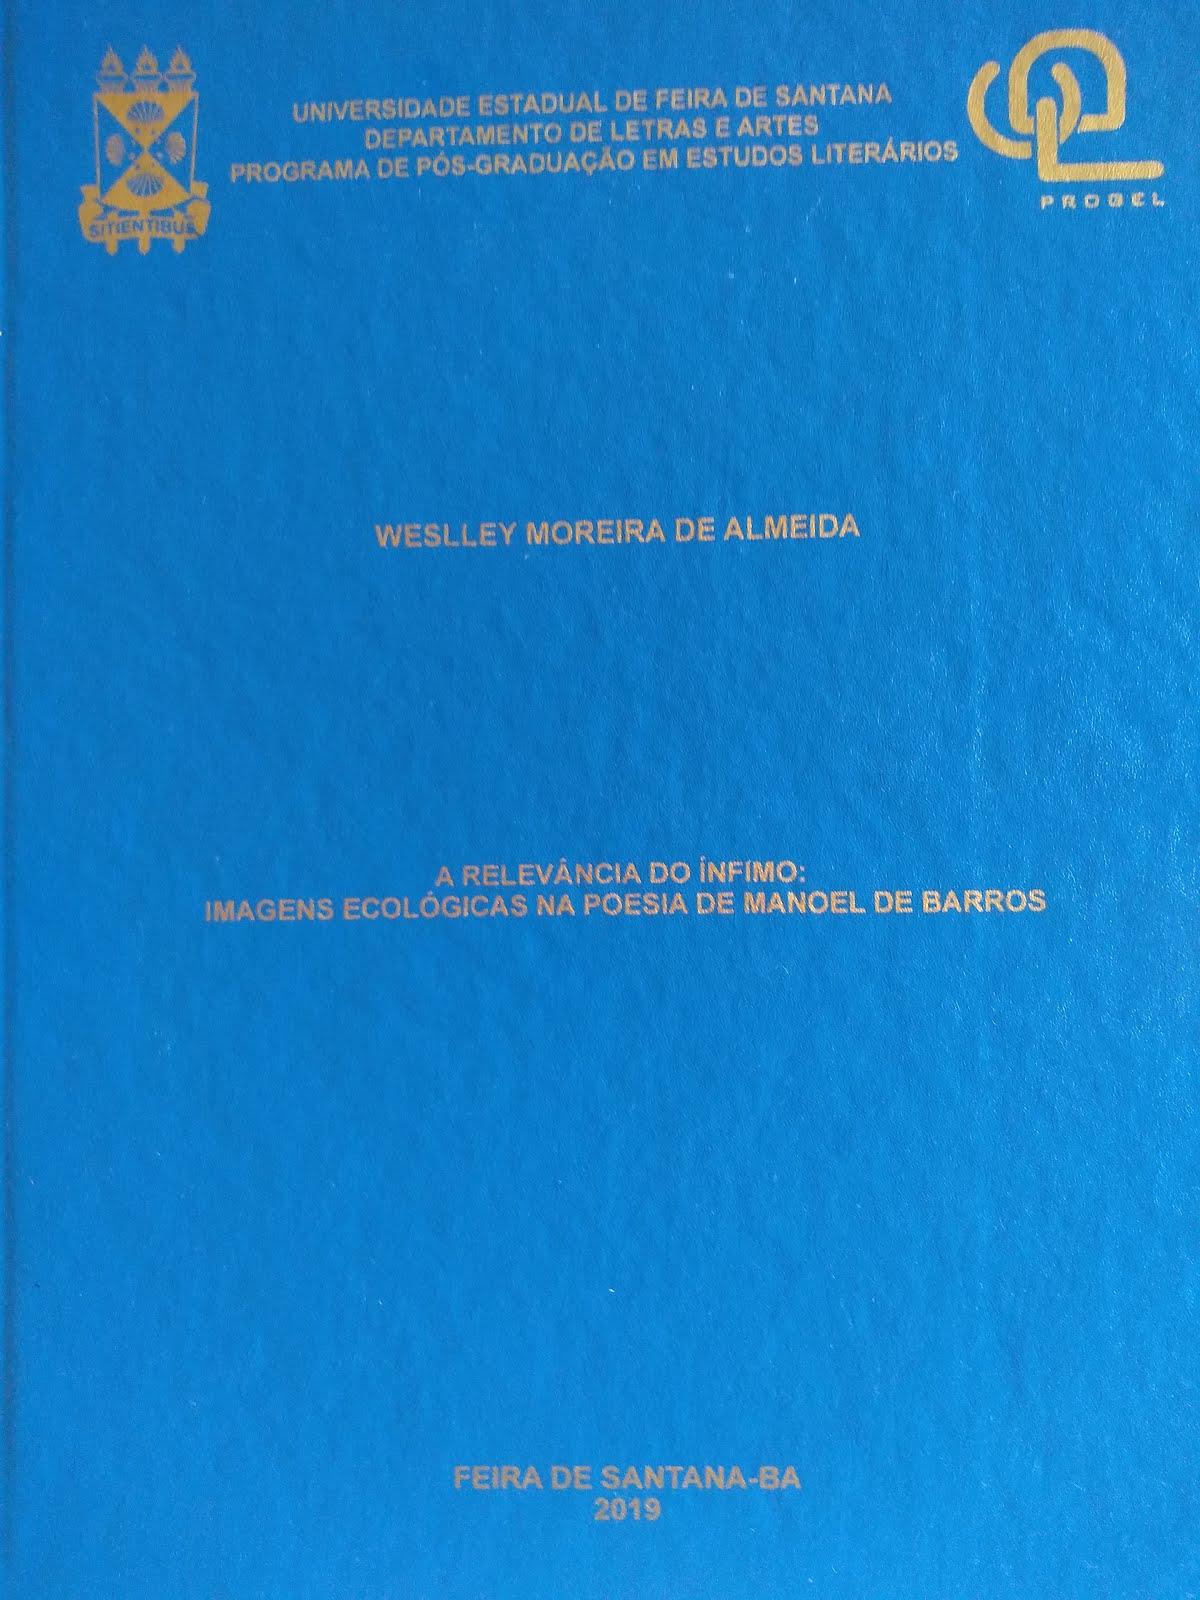 A relevância do ínfimo: imagens ecológicas na poesia de Manoel de Barros